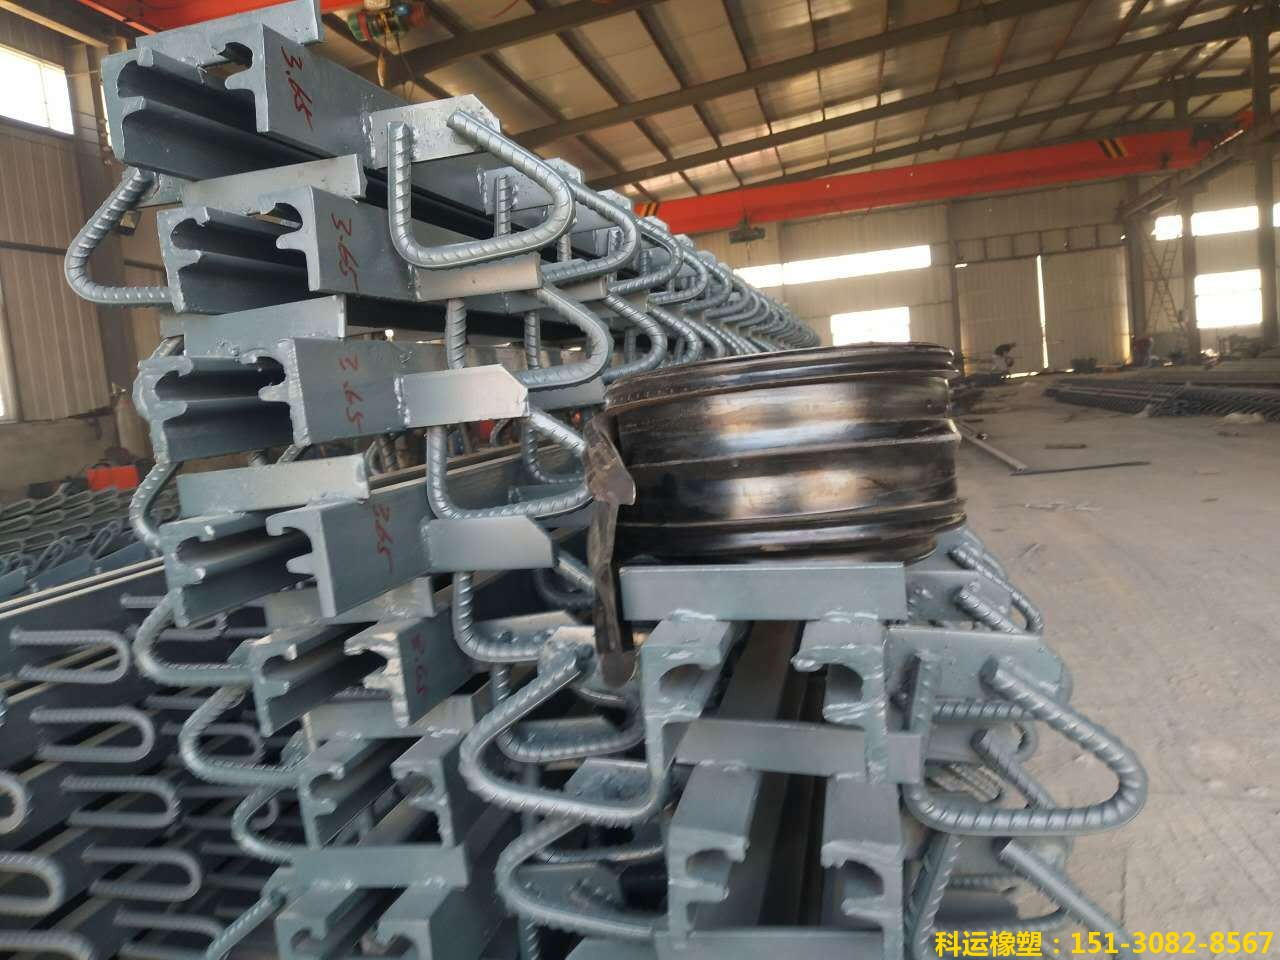 科运橡塑桥梁伸缩缝胶条如何安装?2